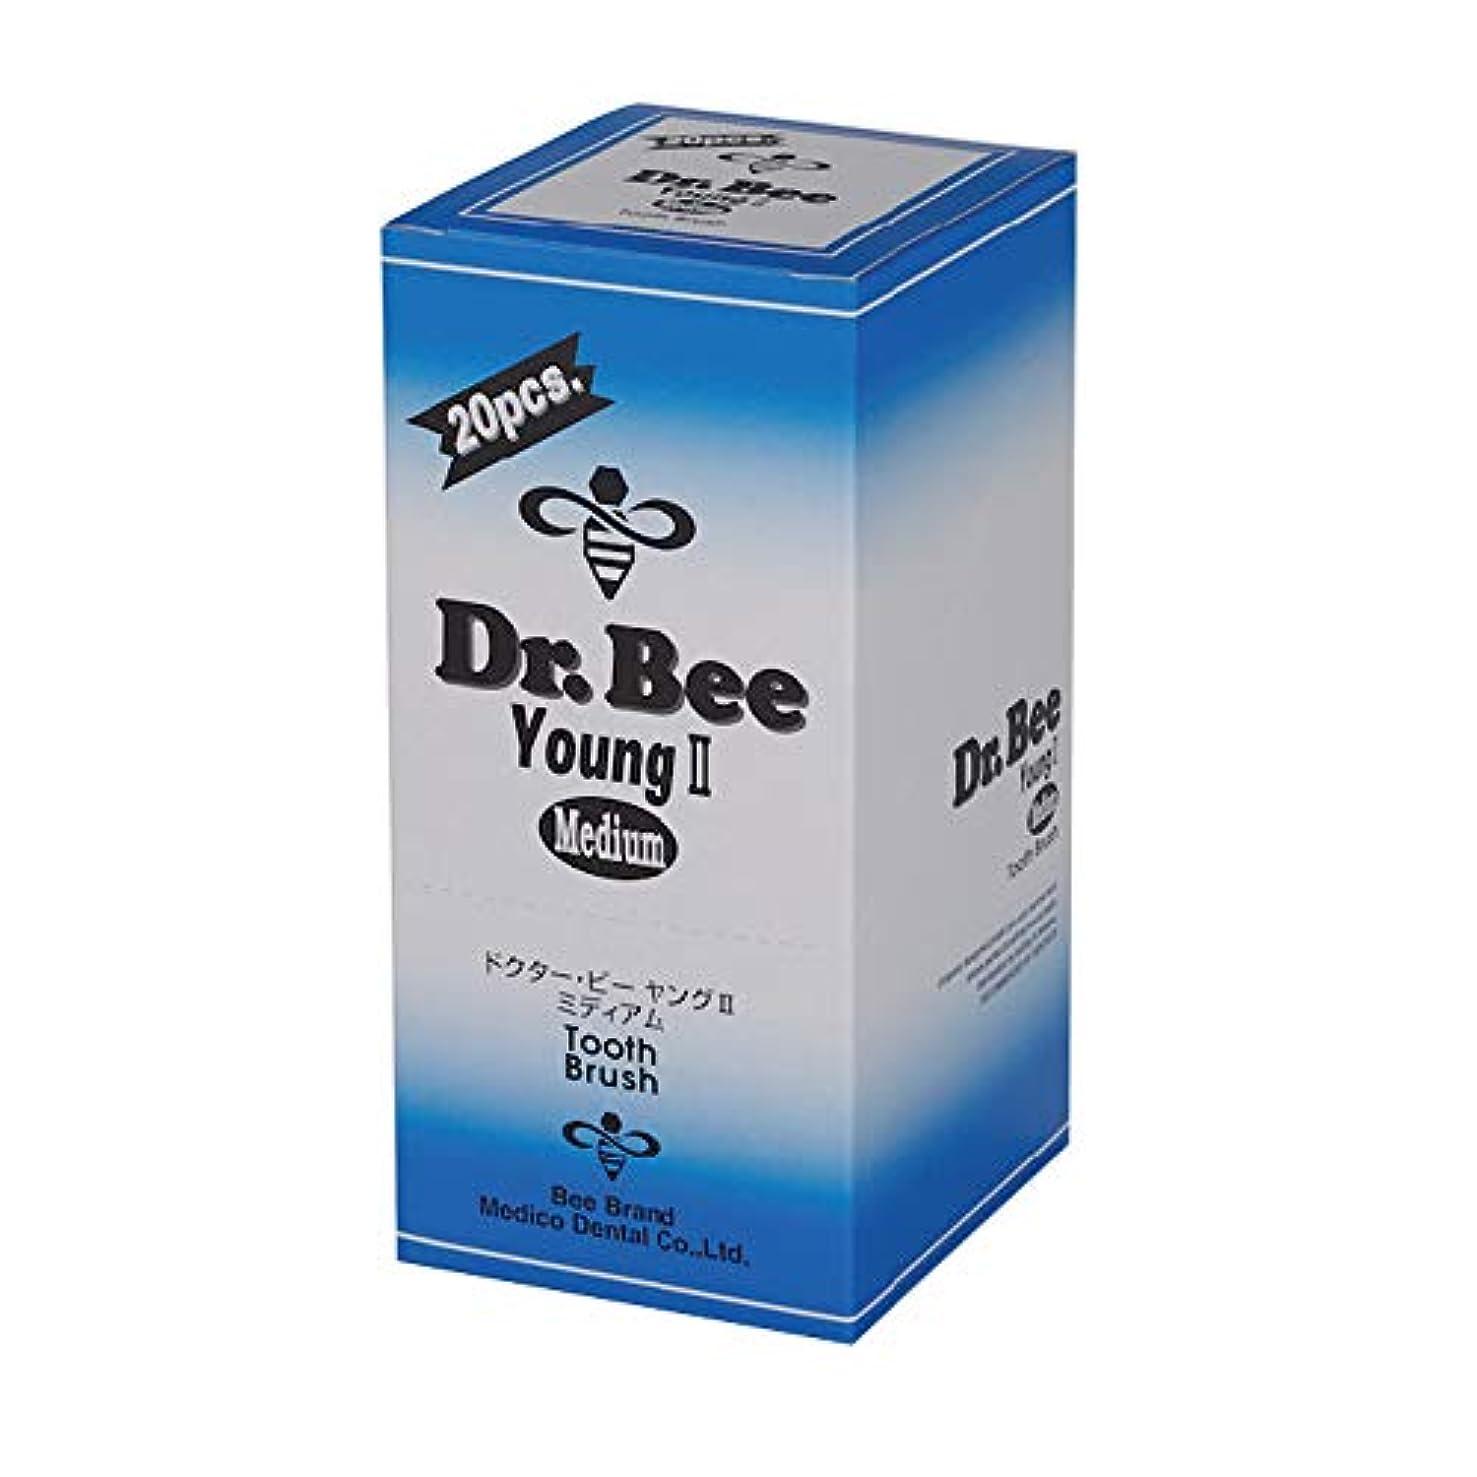 描写とらえどころのない圧倒的Dr.Bee ヤングII ミディアム 20本入り